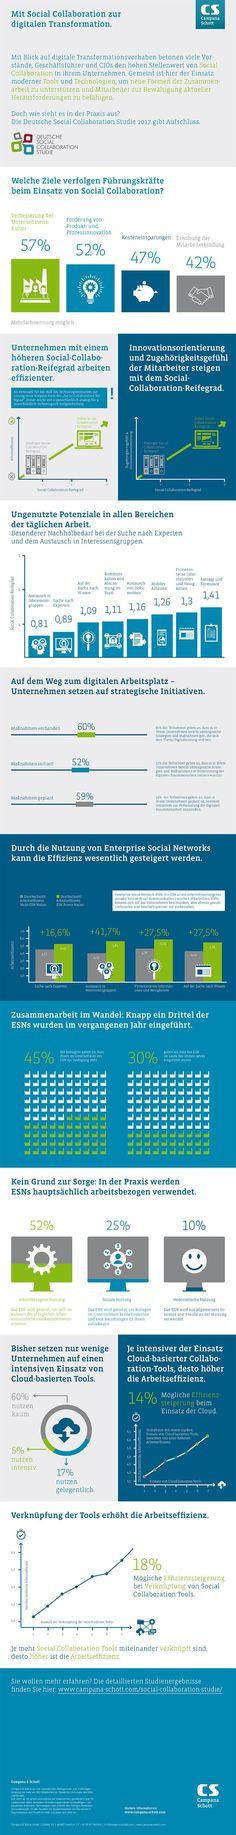 6 von 10 Firmen wollen mit Social Collaboration Unternehmenskultur verbessern